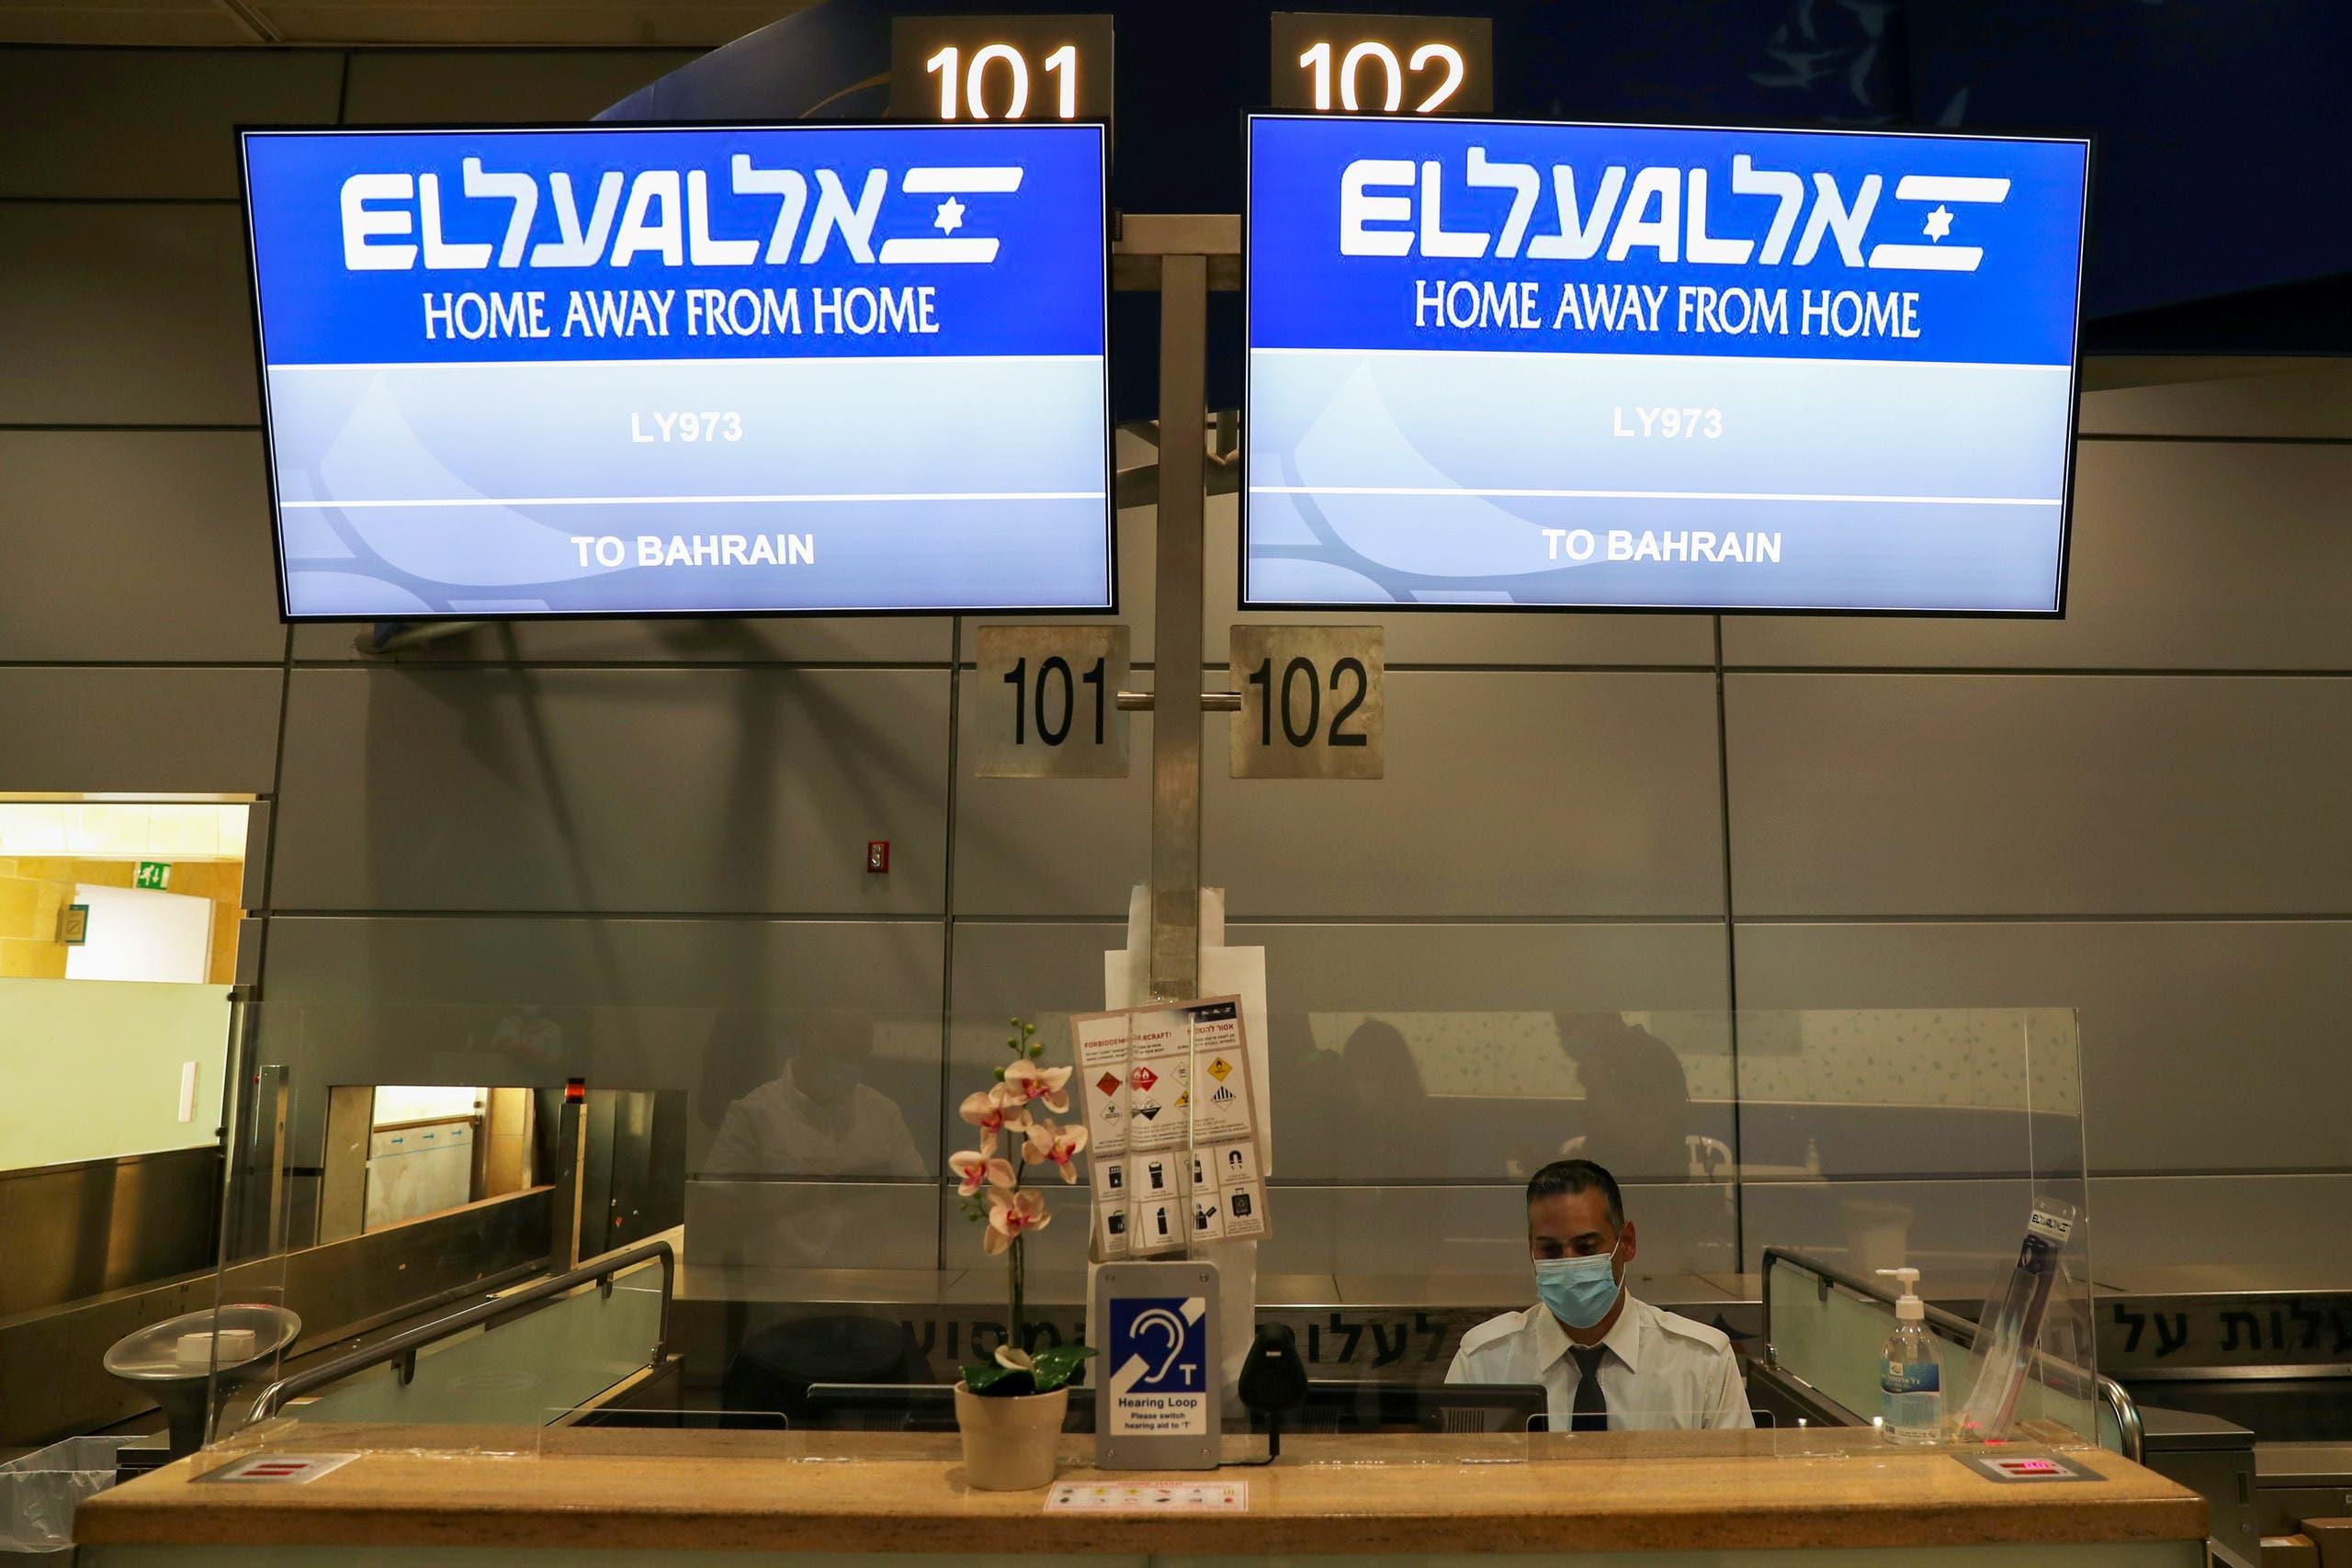 شاشة في مطار تل أبيب يظهر عليها رقم الرحلة المتجهة للبحرين